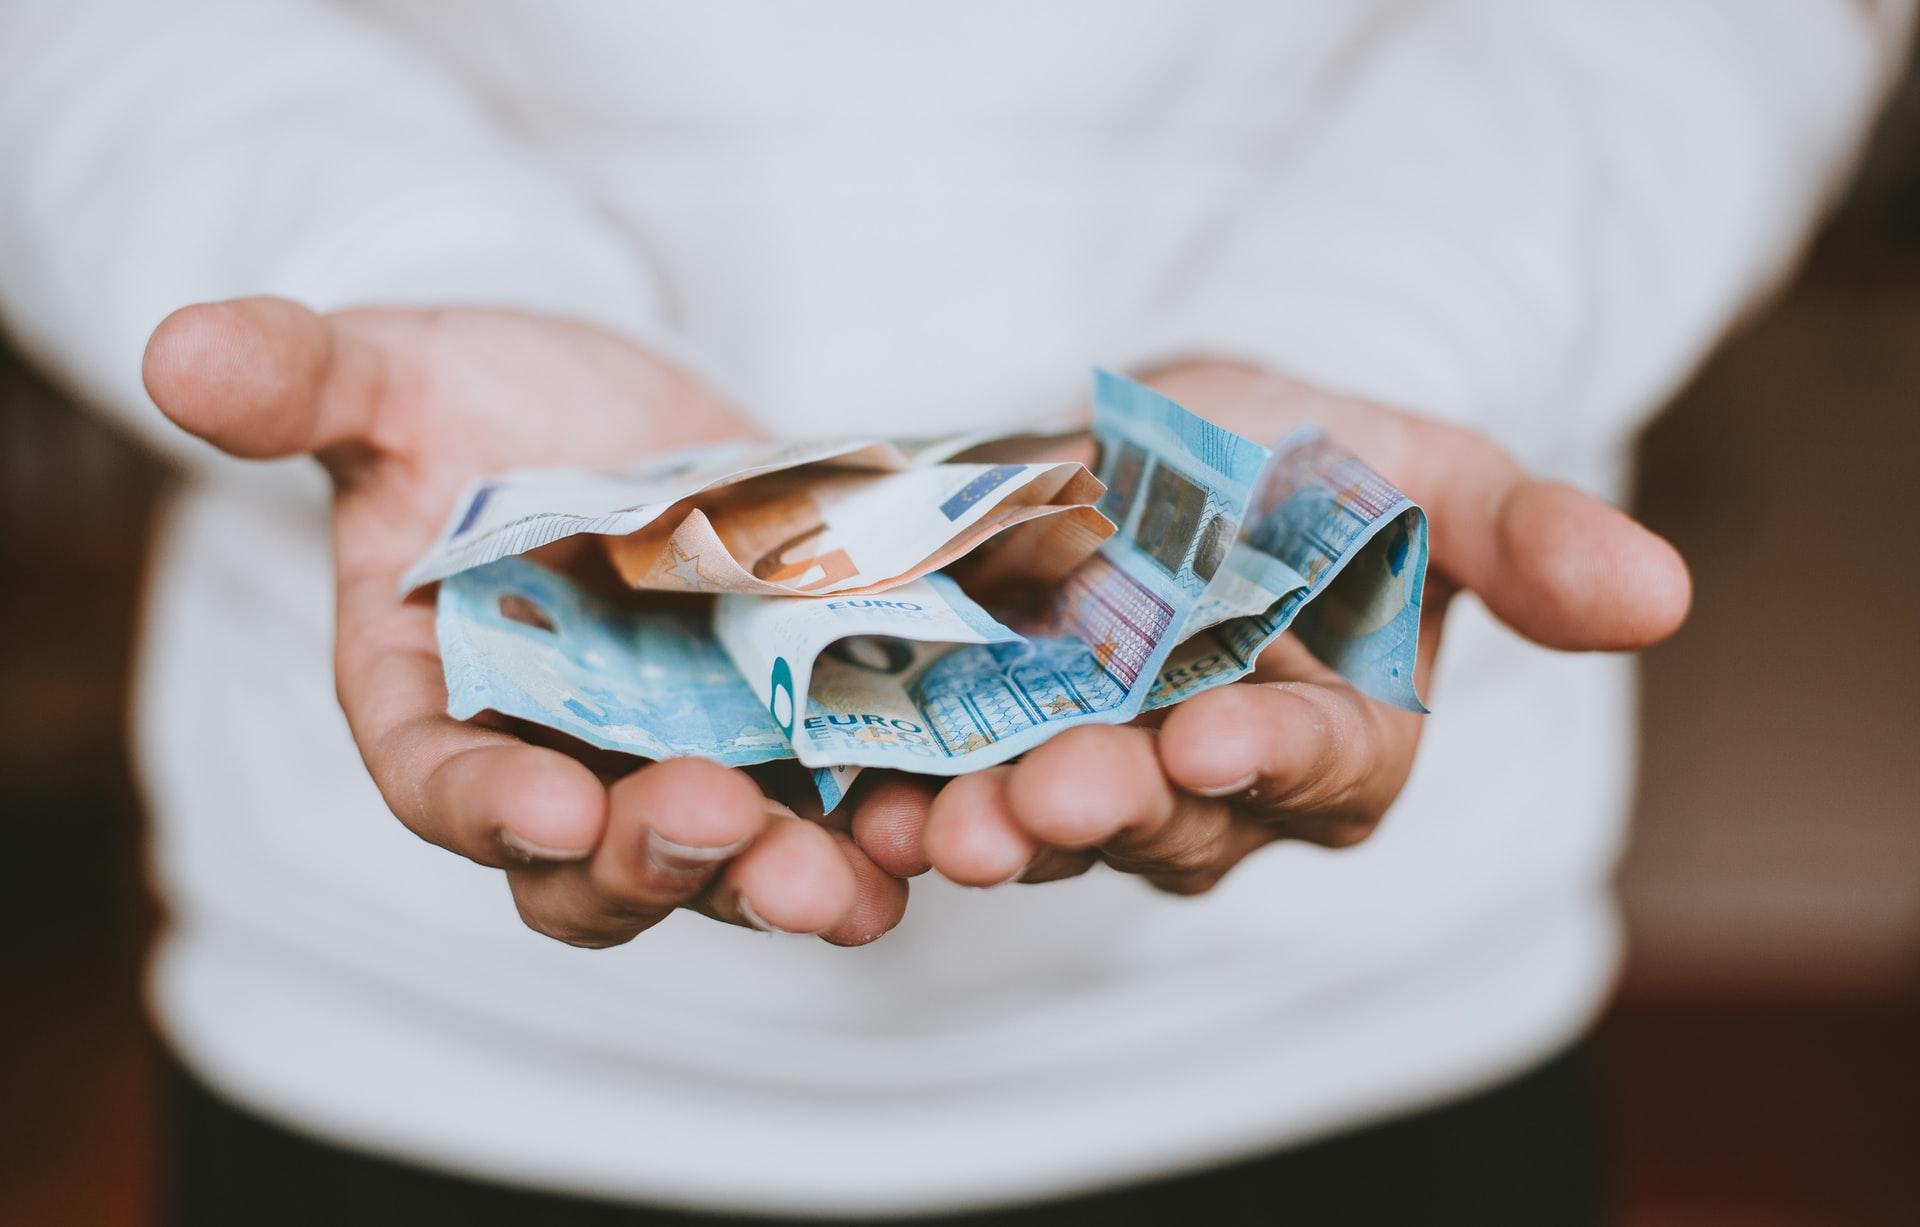 papierové peniaze v dlaniach